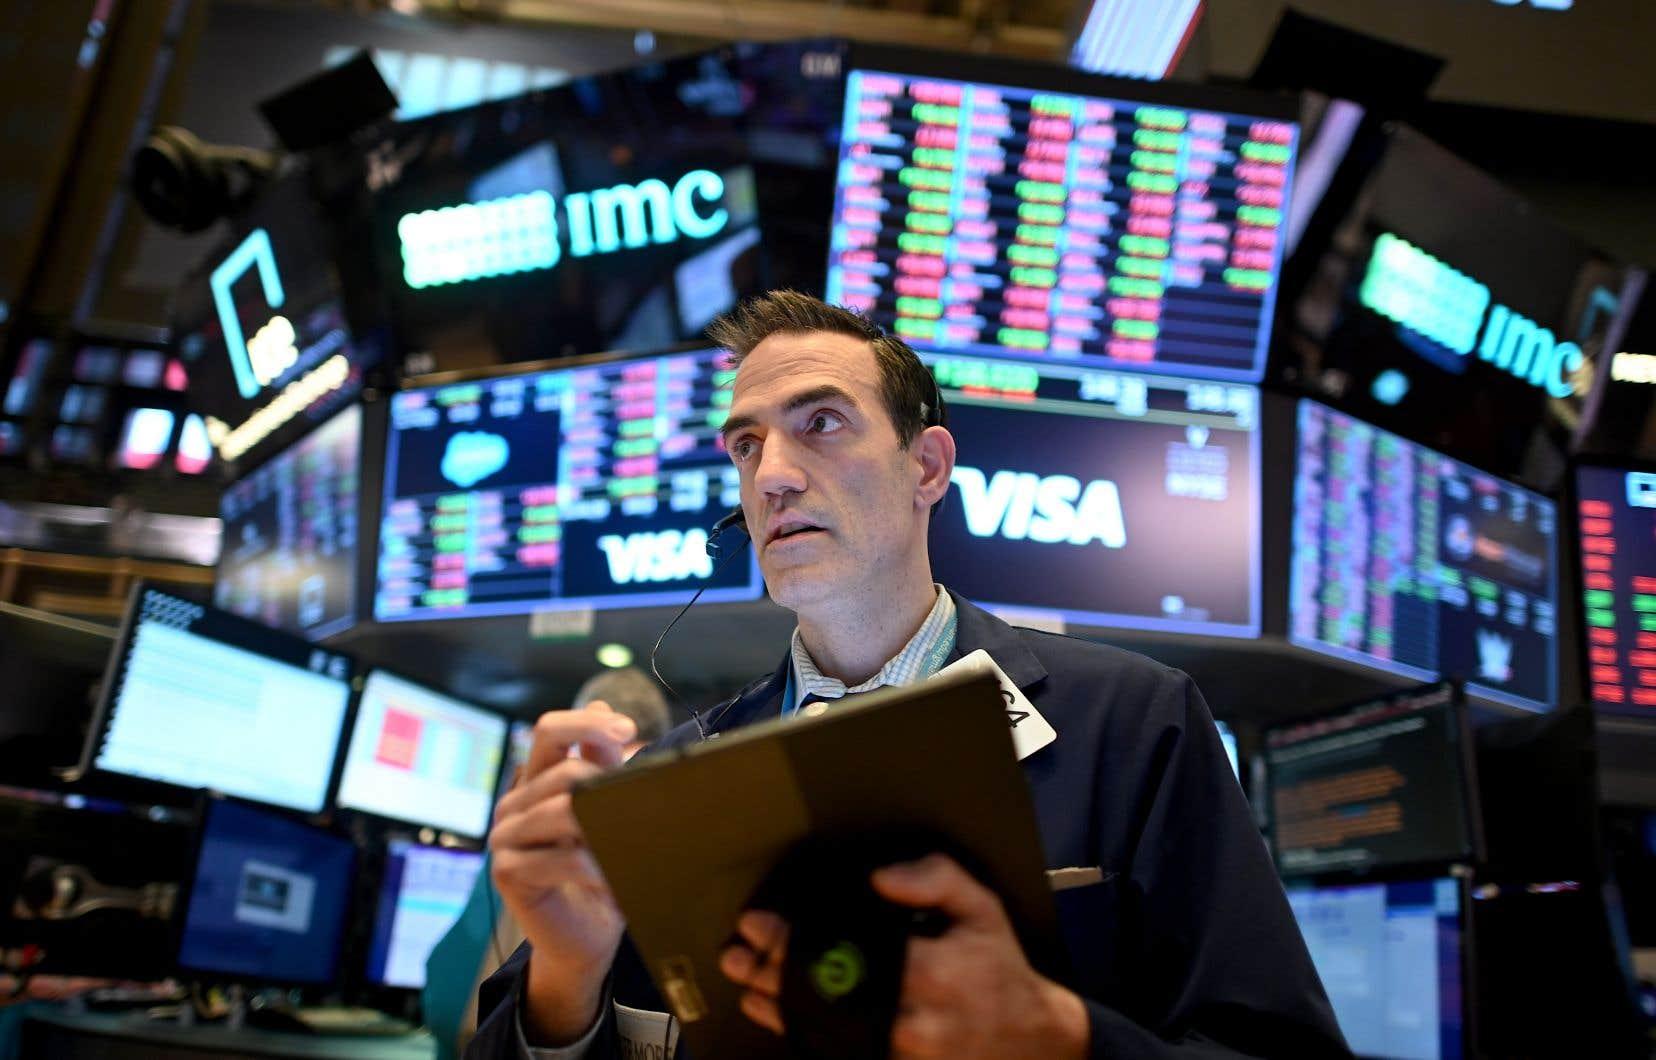 Vers 14 h 40 (heure de Montréal), l'indice vedette Dow Jones Industrial Average gagnait 2,39%, celui de l'indice élargi S&P 500 4,6% et celui du Nasdaq, à forte coloration technologique, 4,08%.